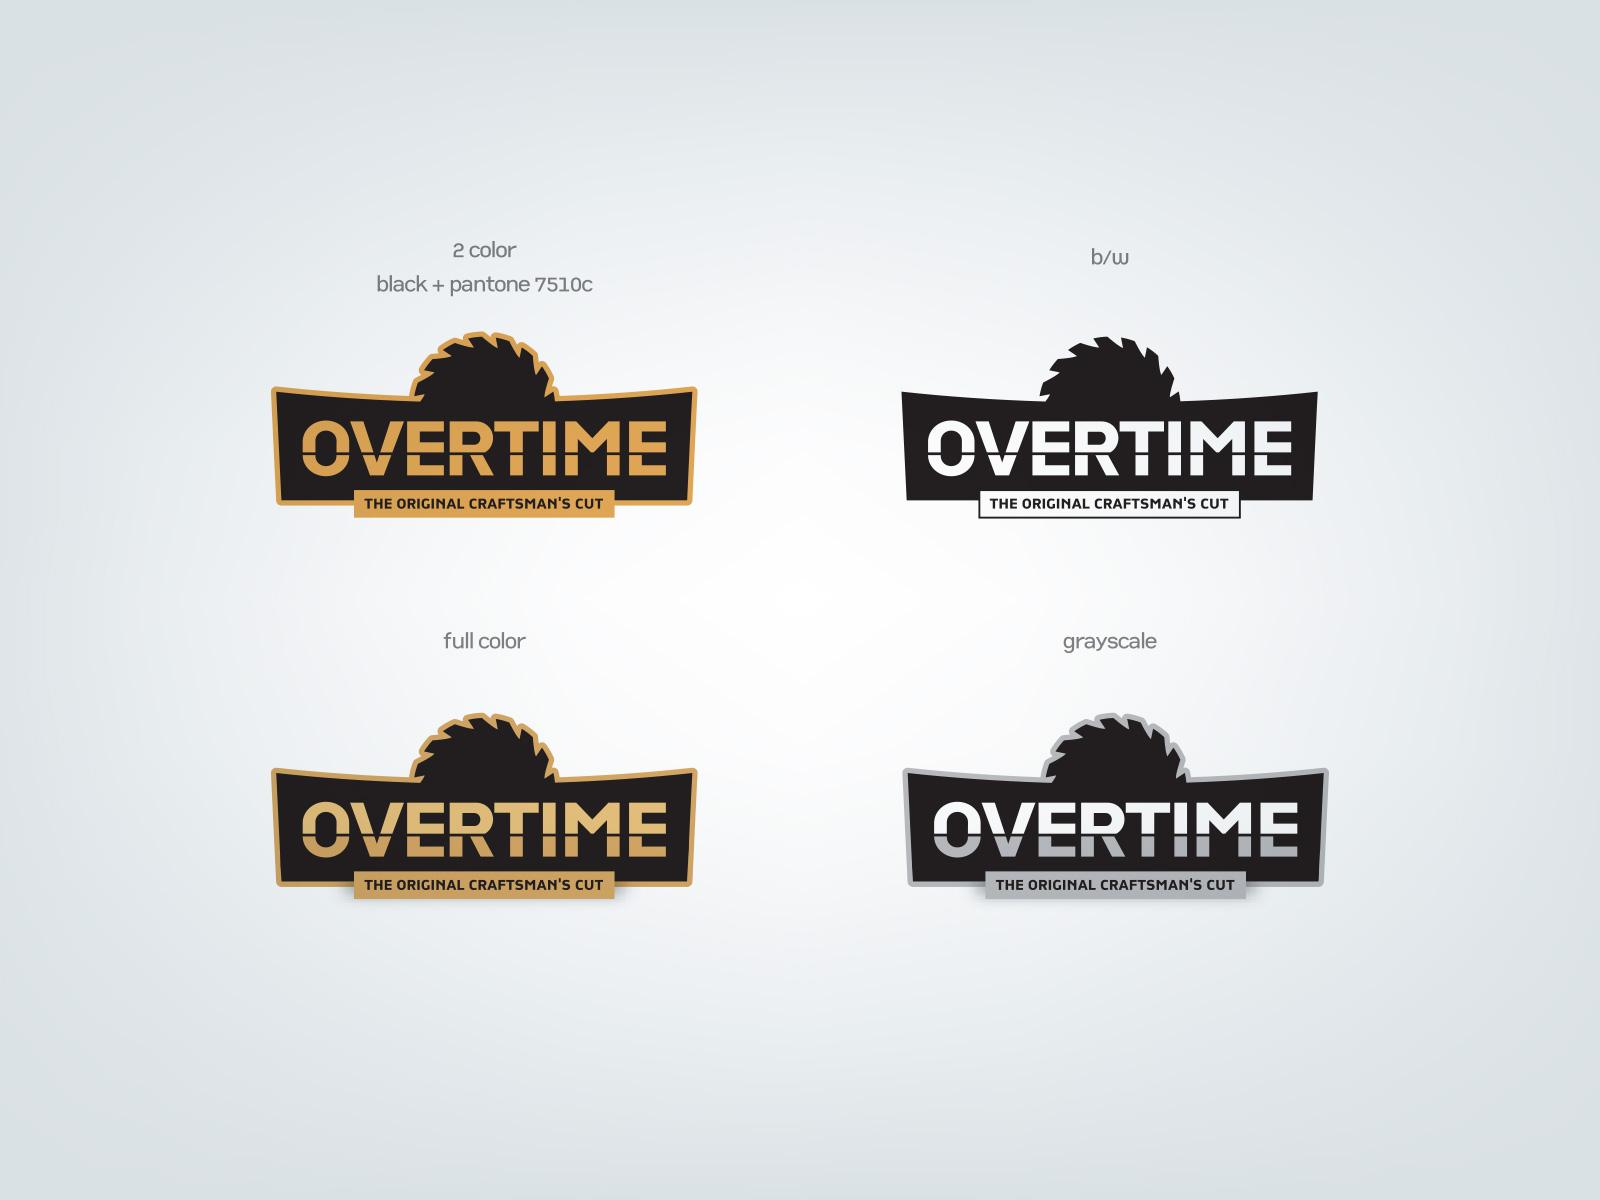 Overtime logos